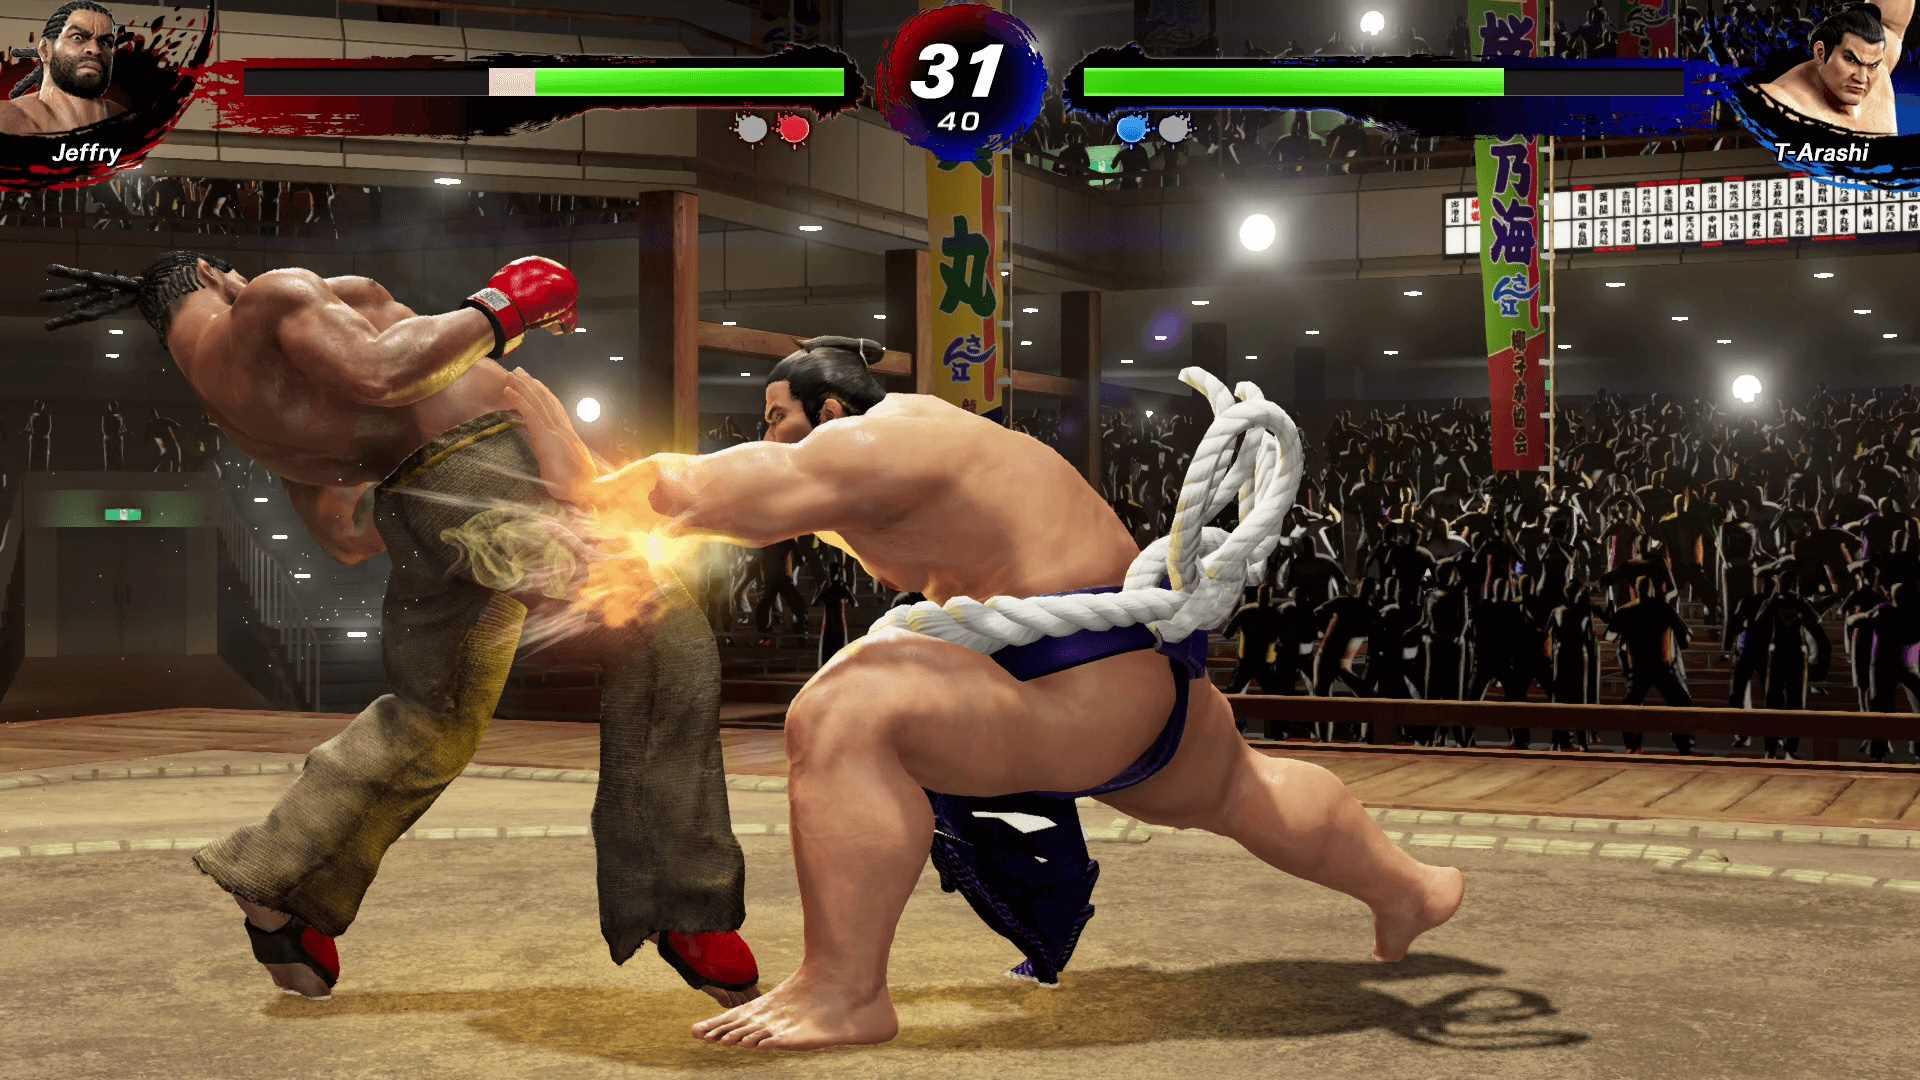 Virtua Fighter 5 Ultimate Showdown - Kampf